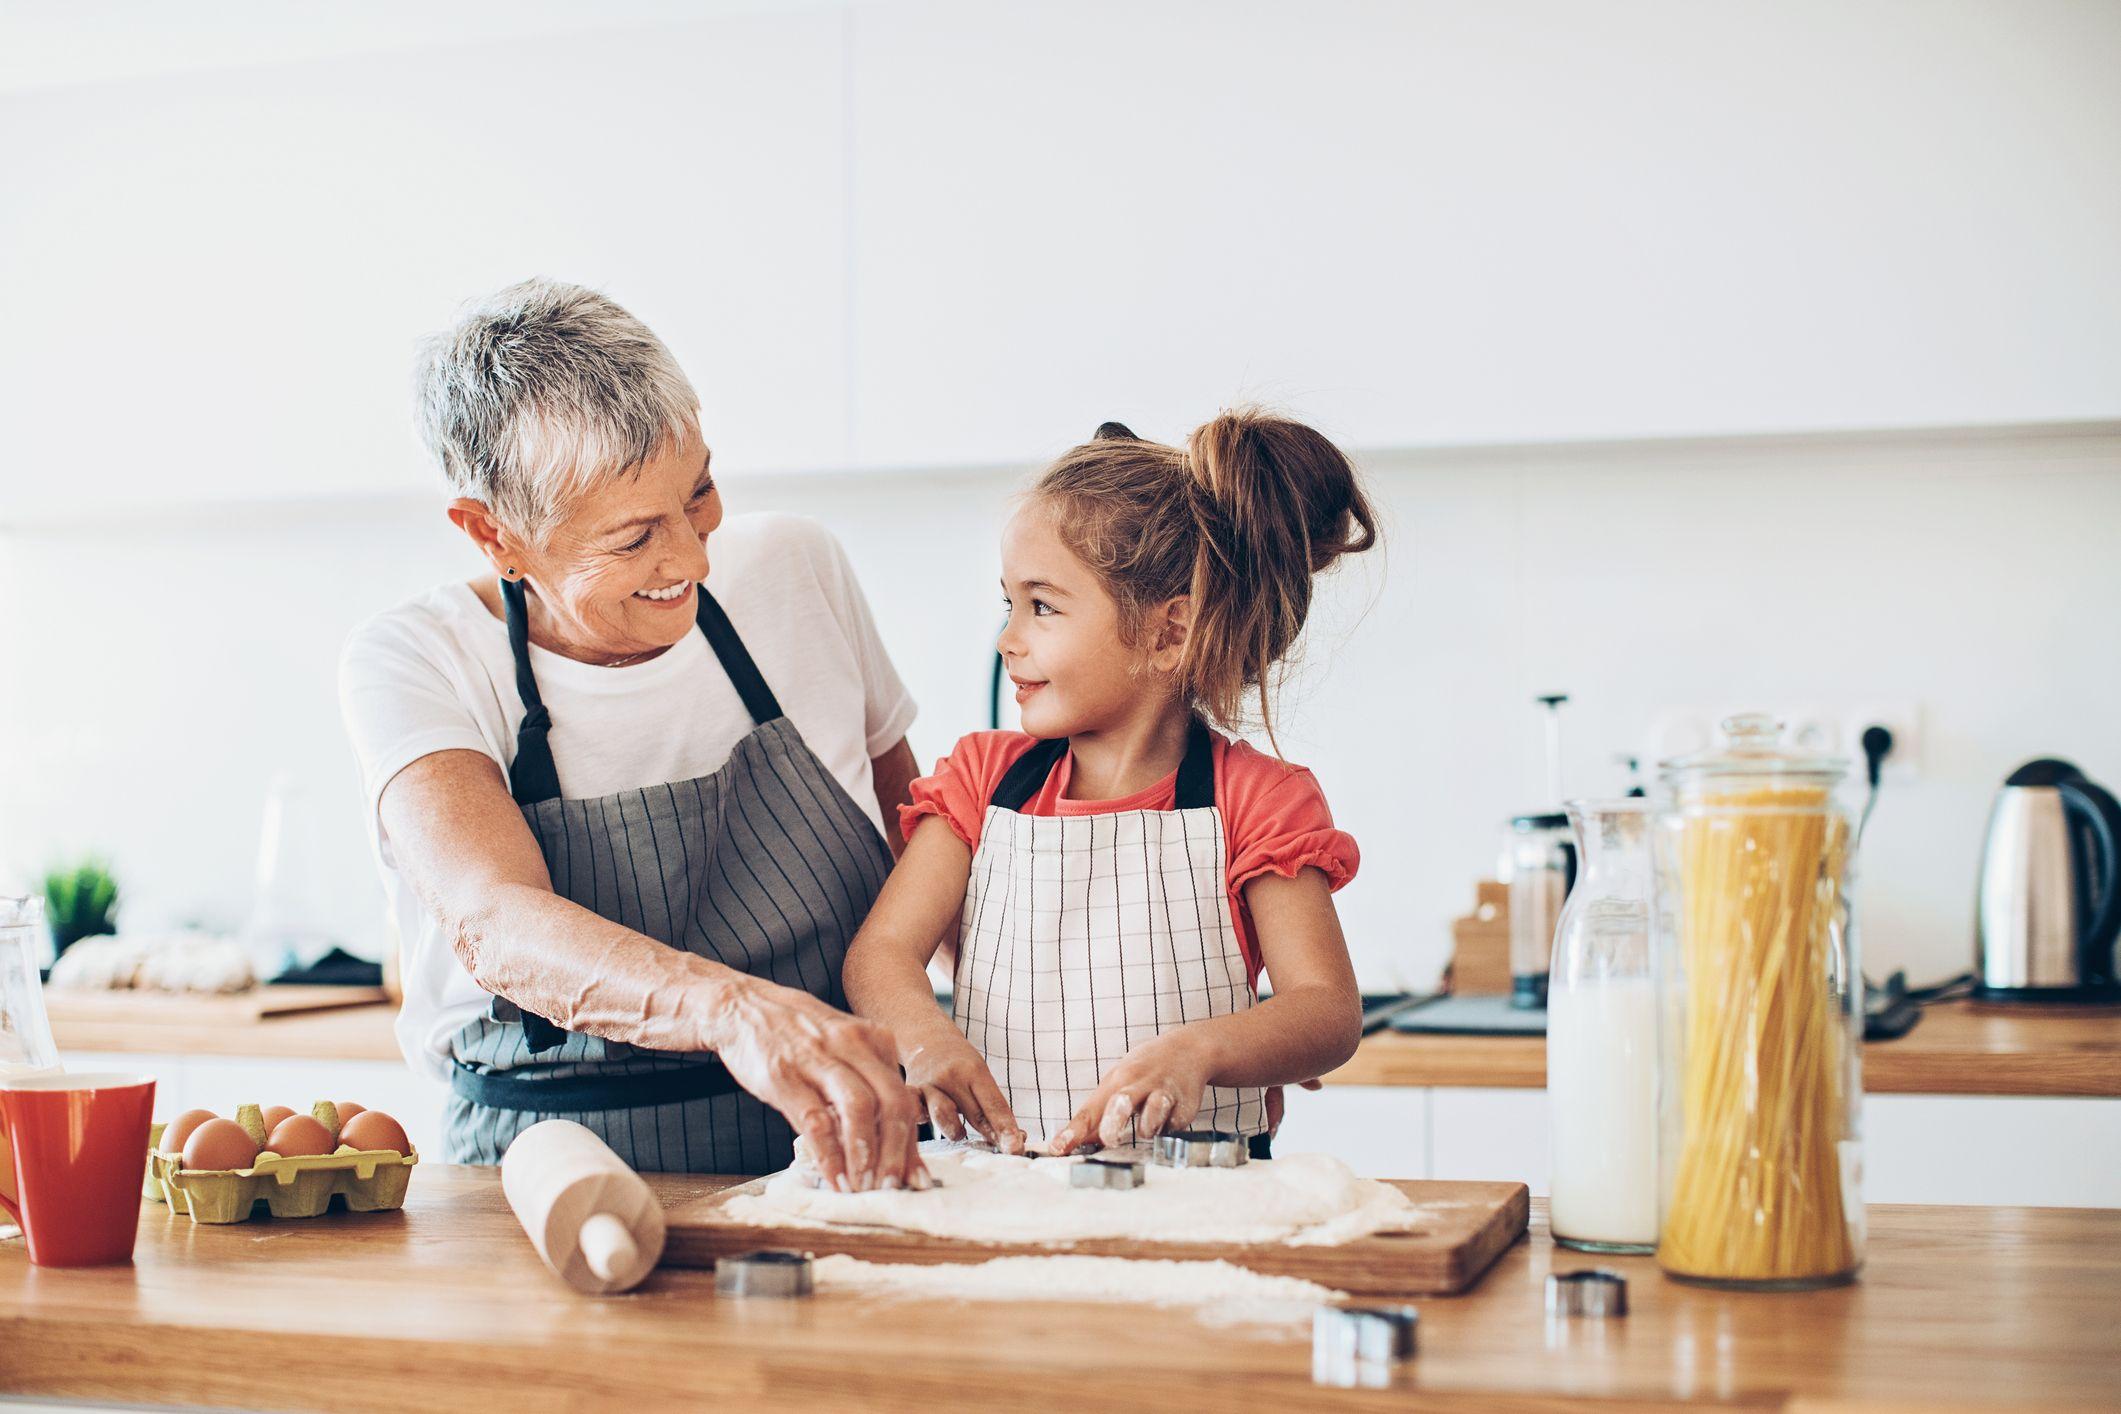 Niña cocinando galletas con su abuela